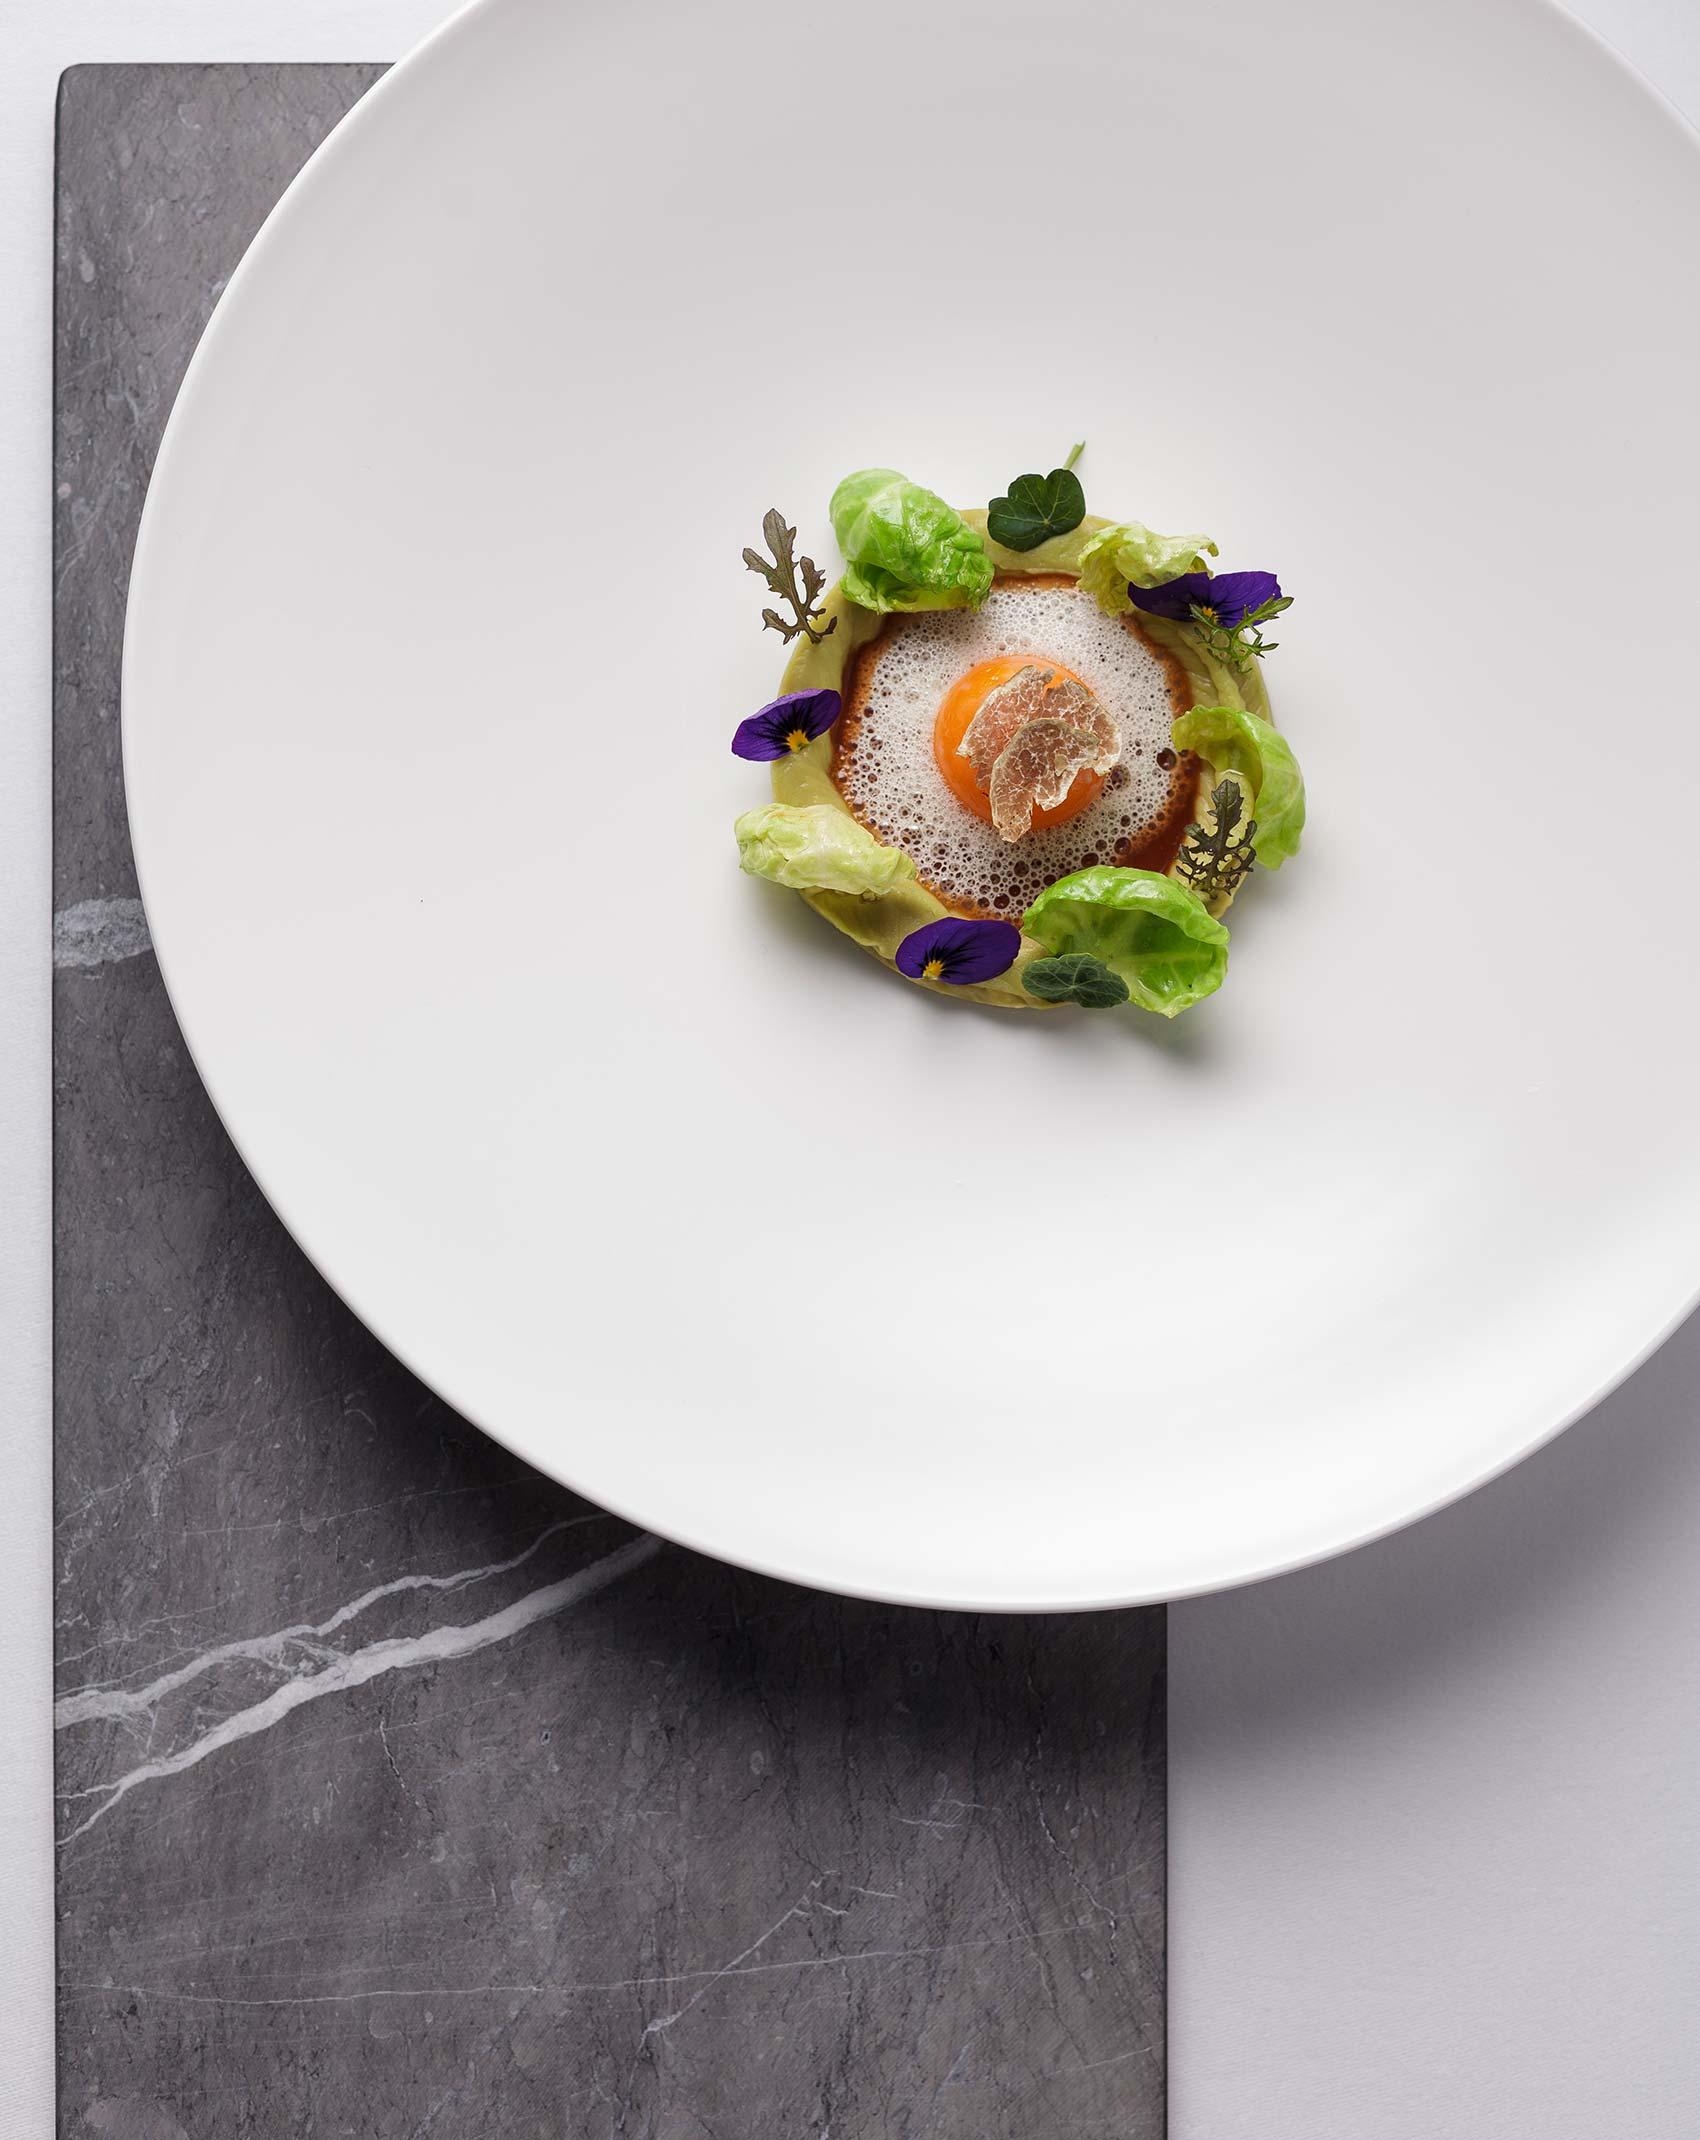 Foodfotografie für das mit einem Michelin-Stern ausgezeichnete Gourmetrestaurant Aubergine in Starnberg